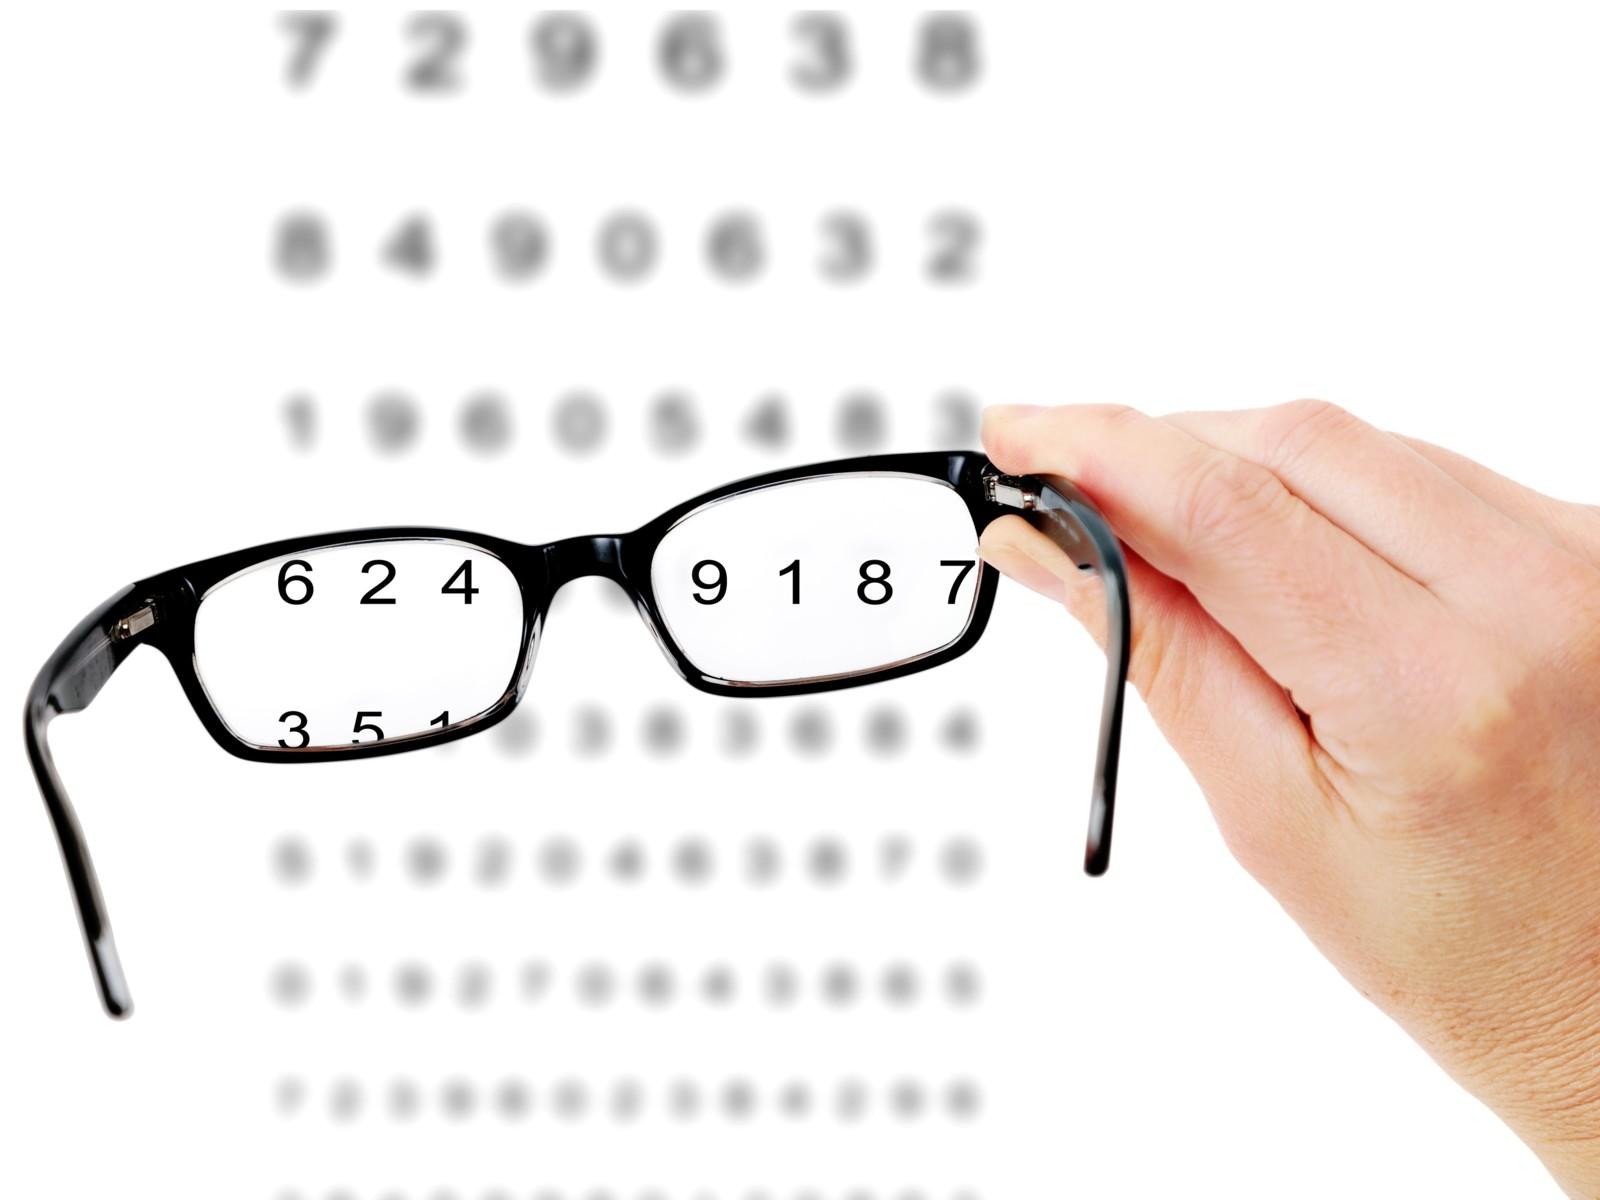 e5b3e61eae0c1d Kwaliteit oogmeting in Nederland in opspraak • Nieuws - De Opticien